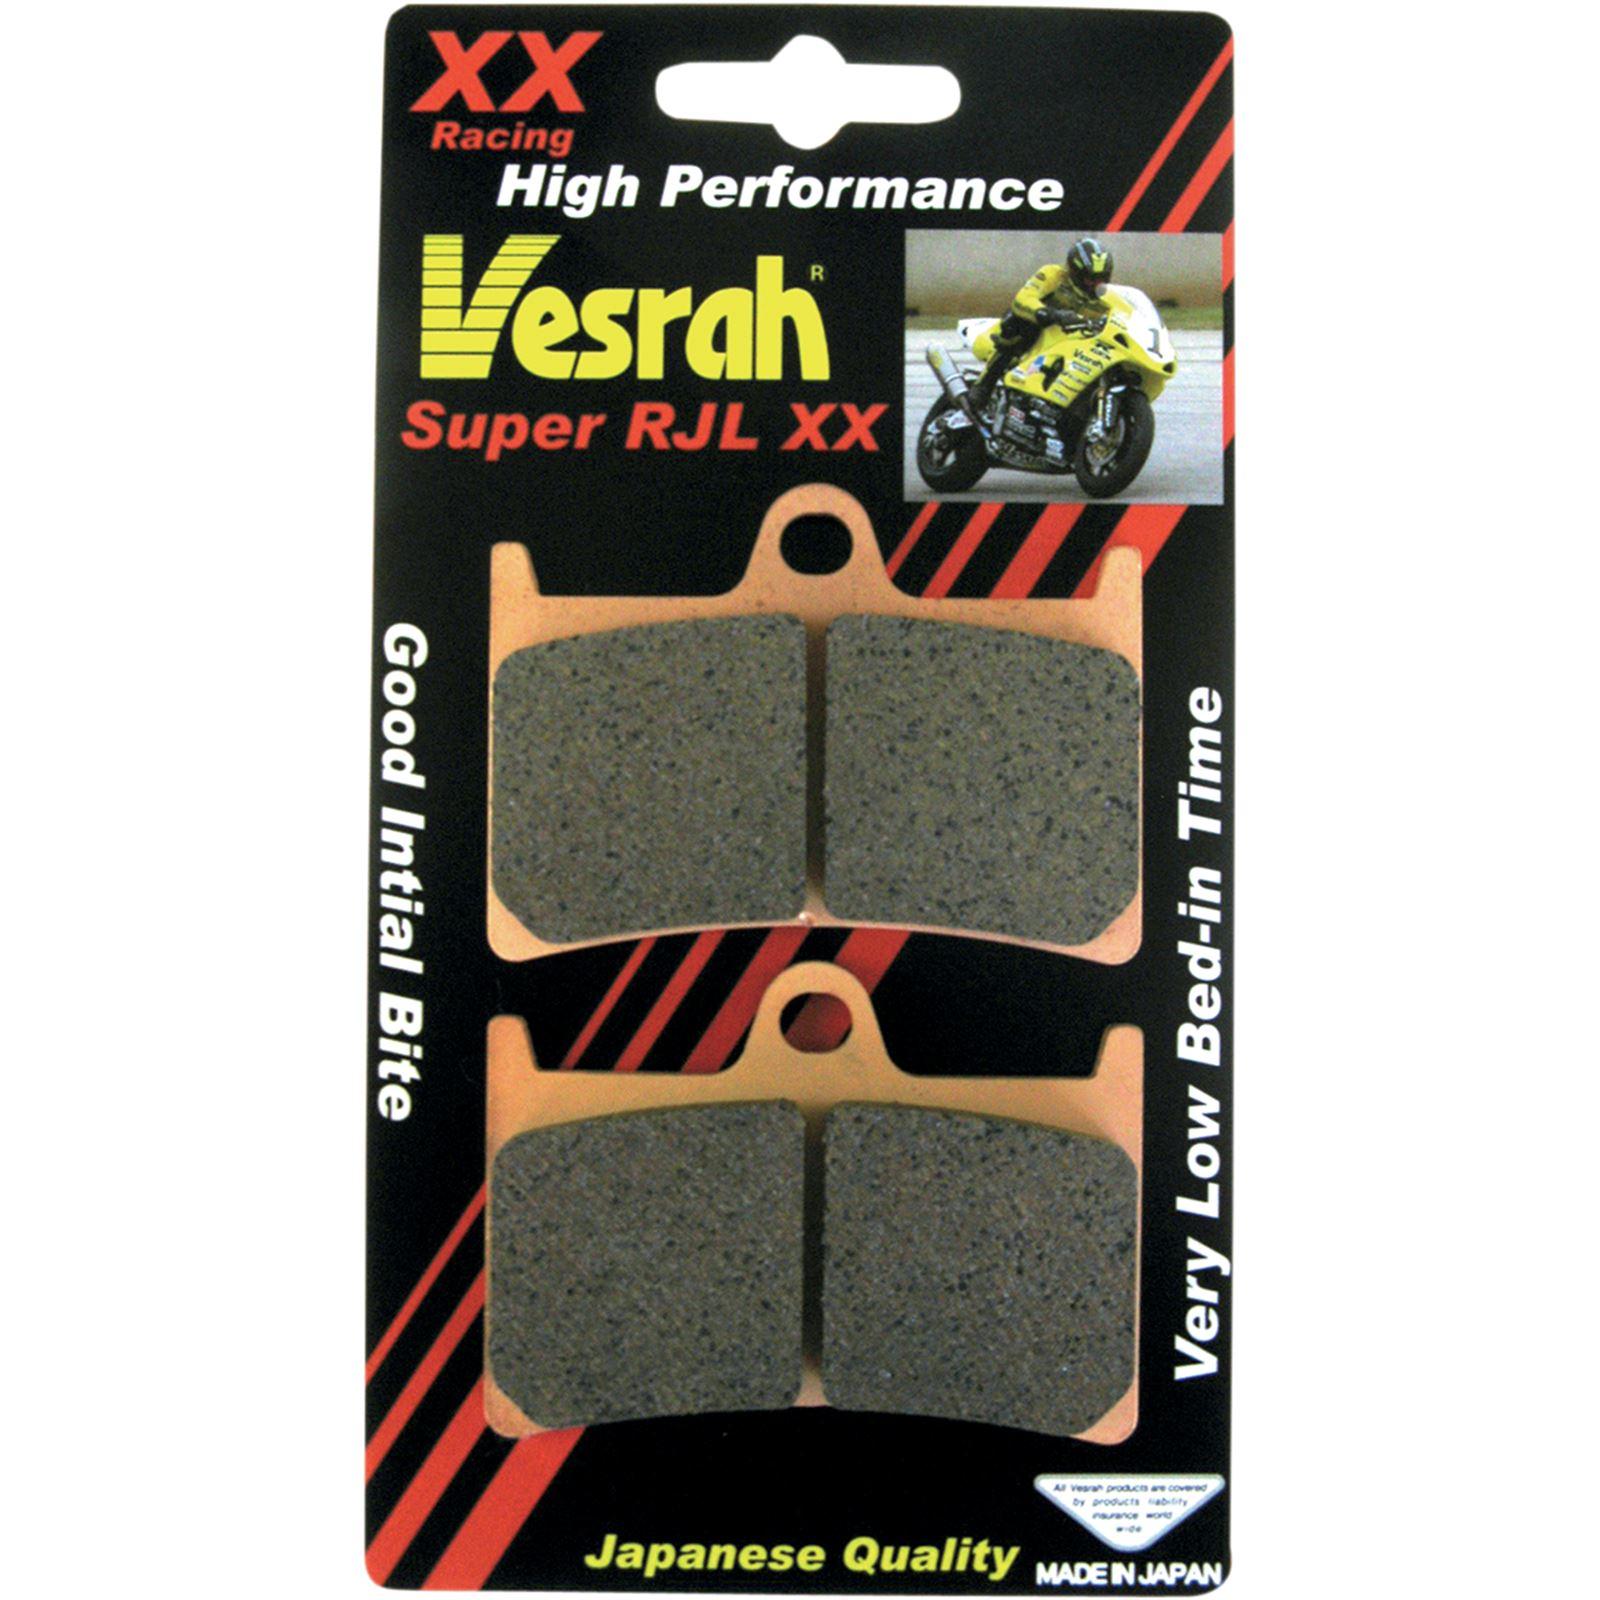 Vesrah JL Sintered Metal Brake Pads - VD-248RJL-XX